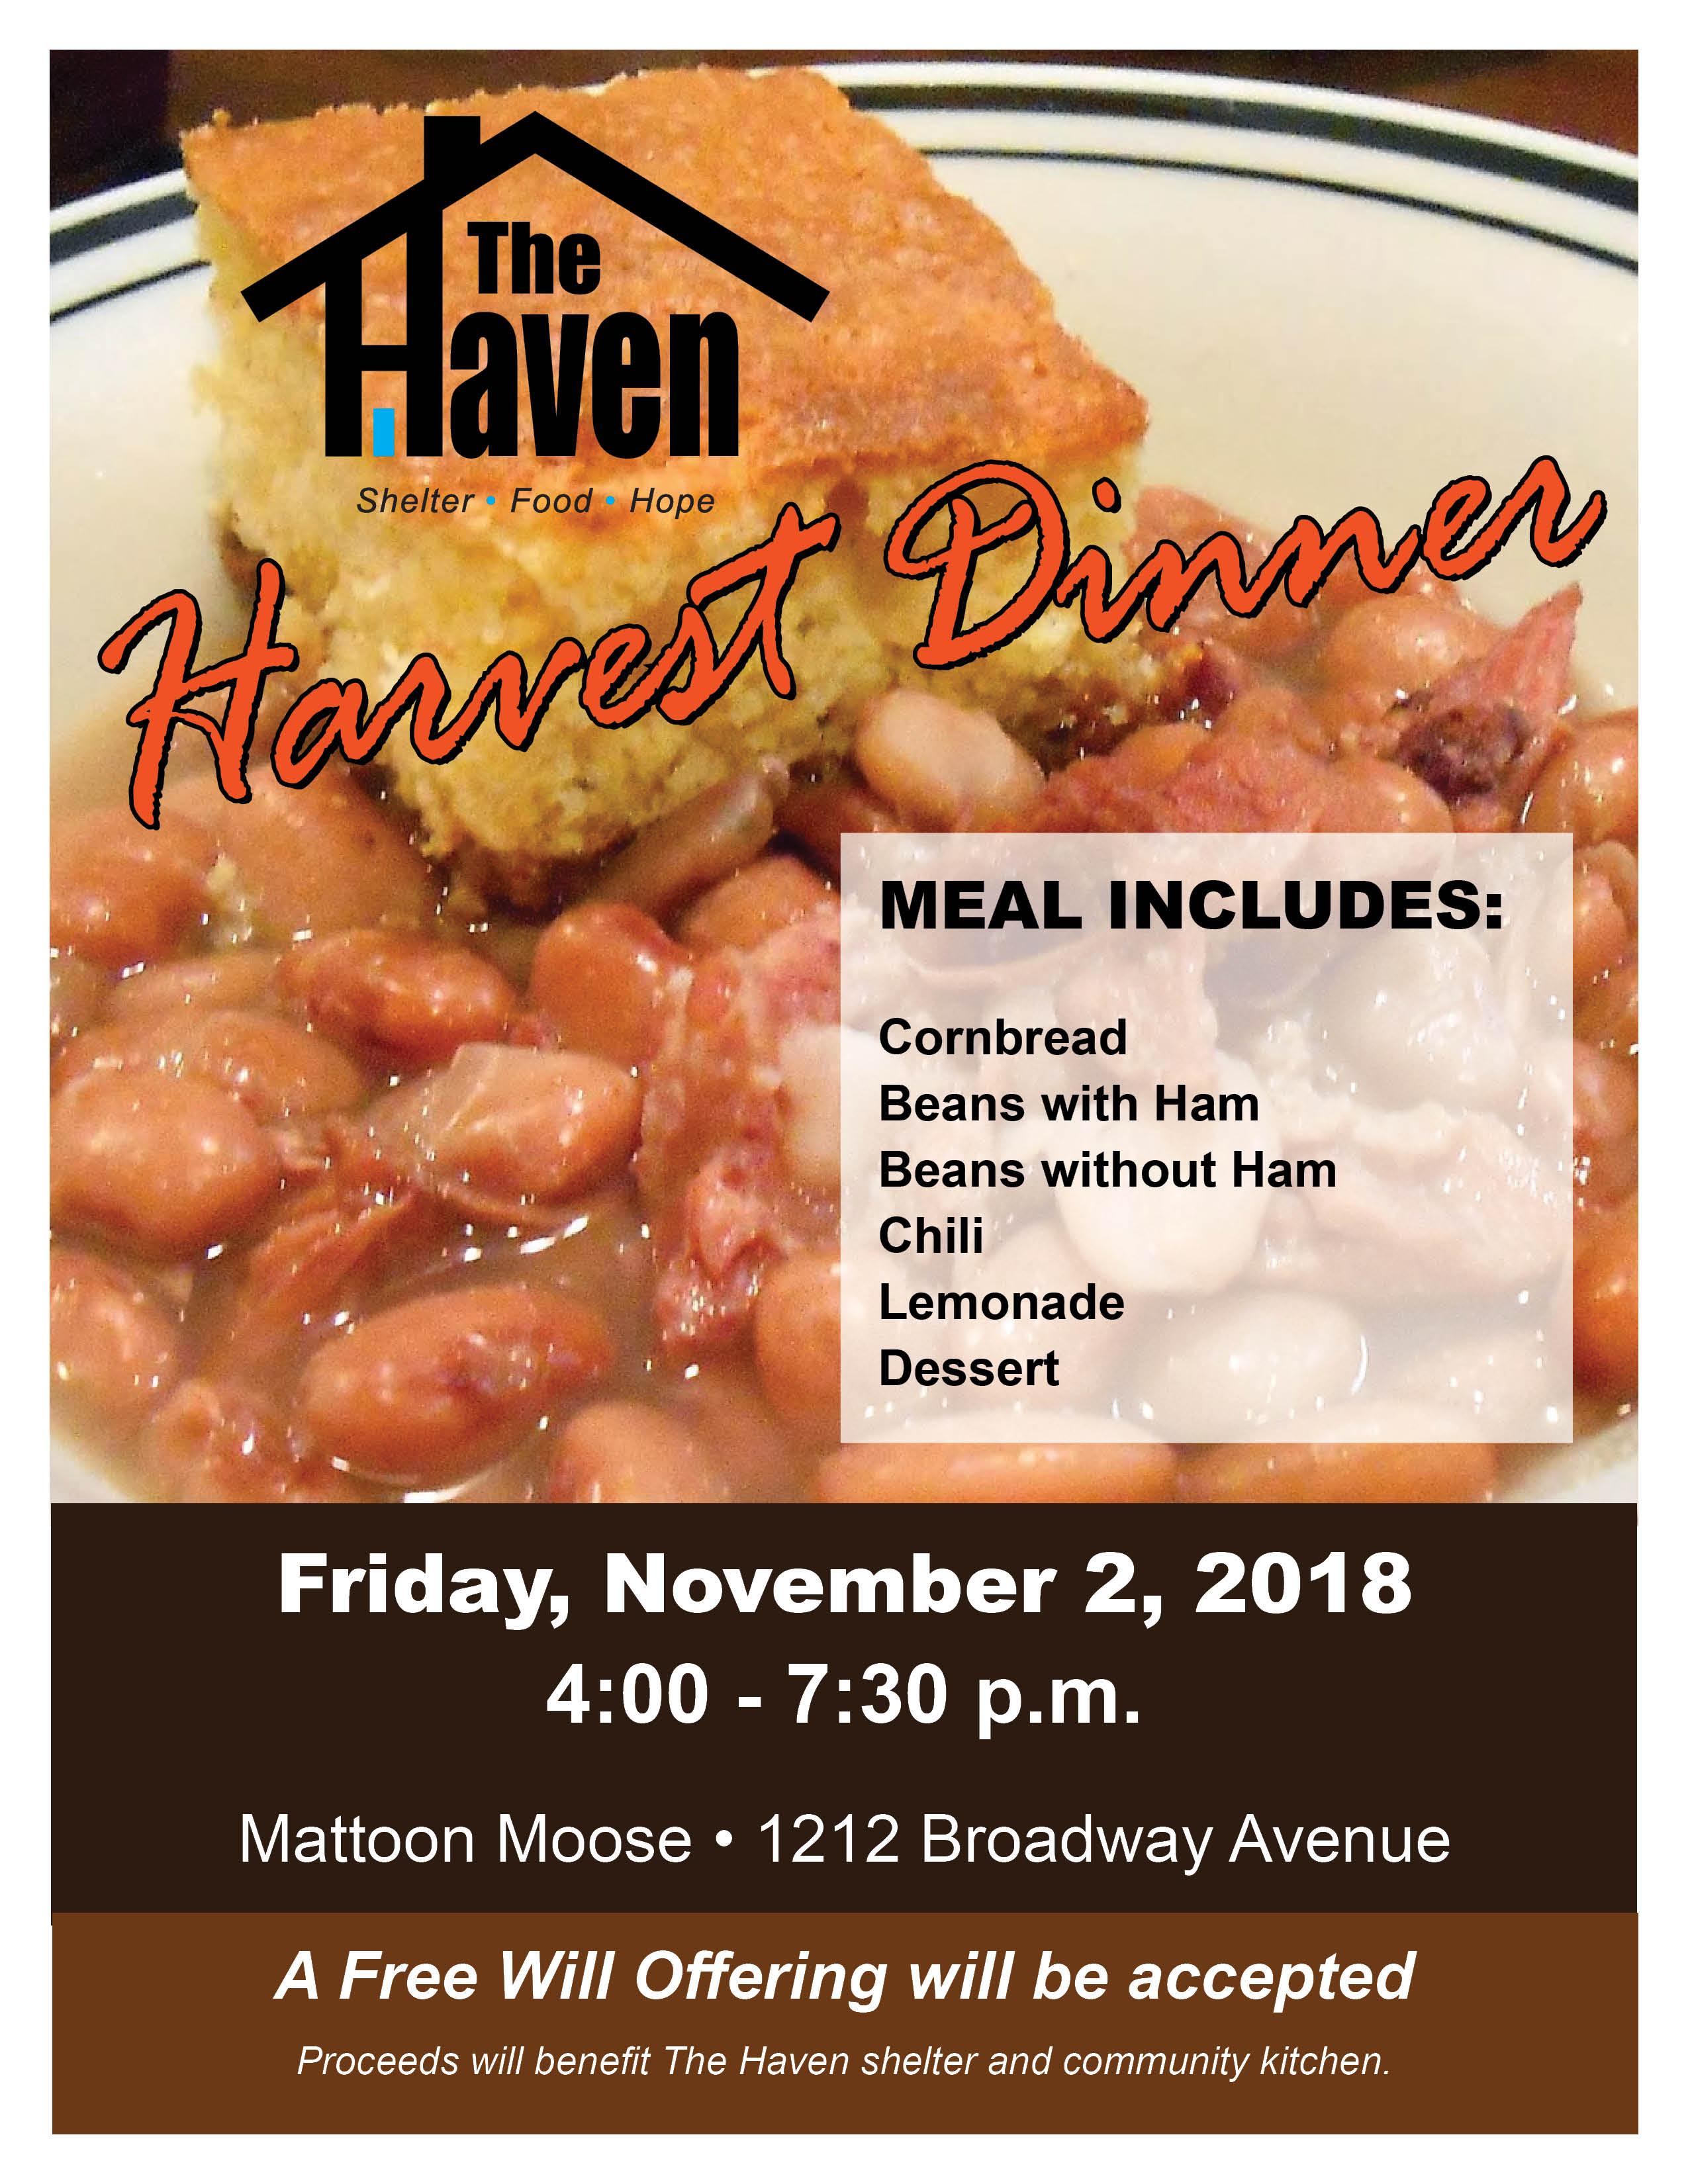 Harvest Dinner @ Mattoon Moose | Mattoon | Illinois | United States